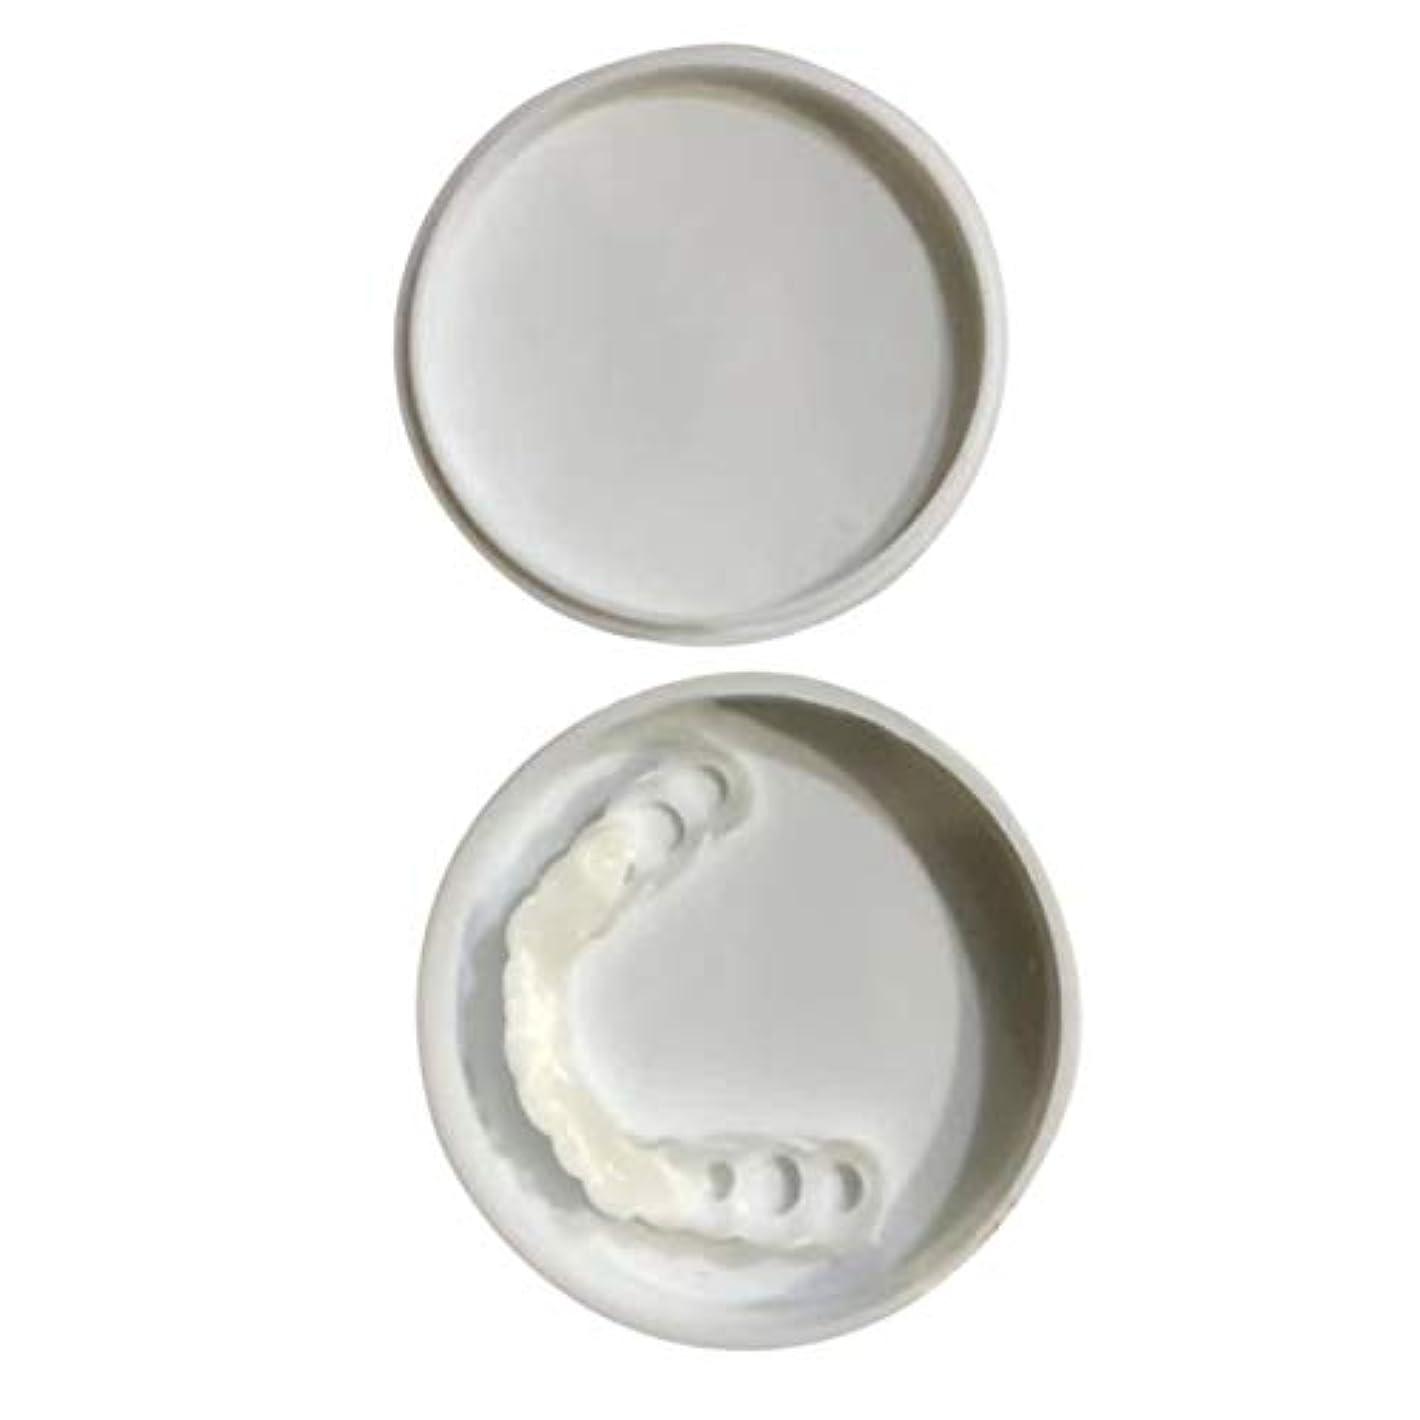 かなり中で見分ける快適なスナップオン男性女性歯インスタントパーフェクトスマイルコンフォートフィットフレックス歯フィットホワイトニング笑顔偽歯カバー - ホワイト